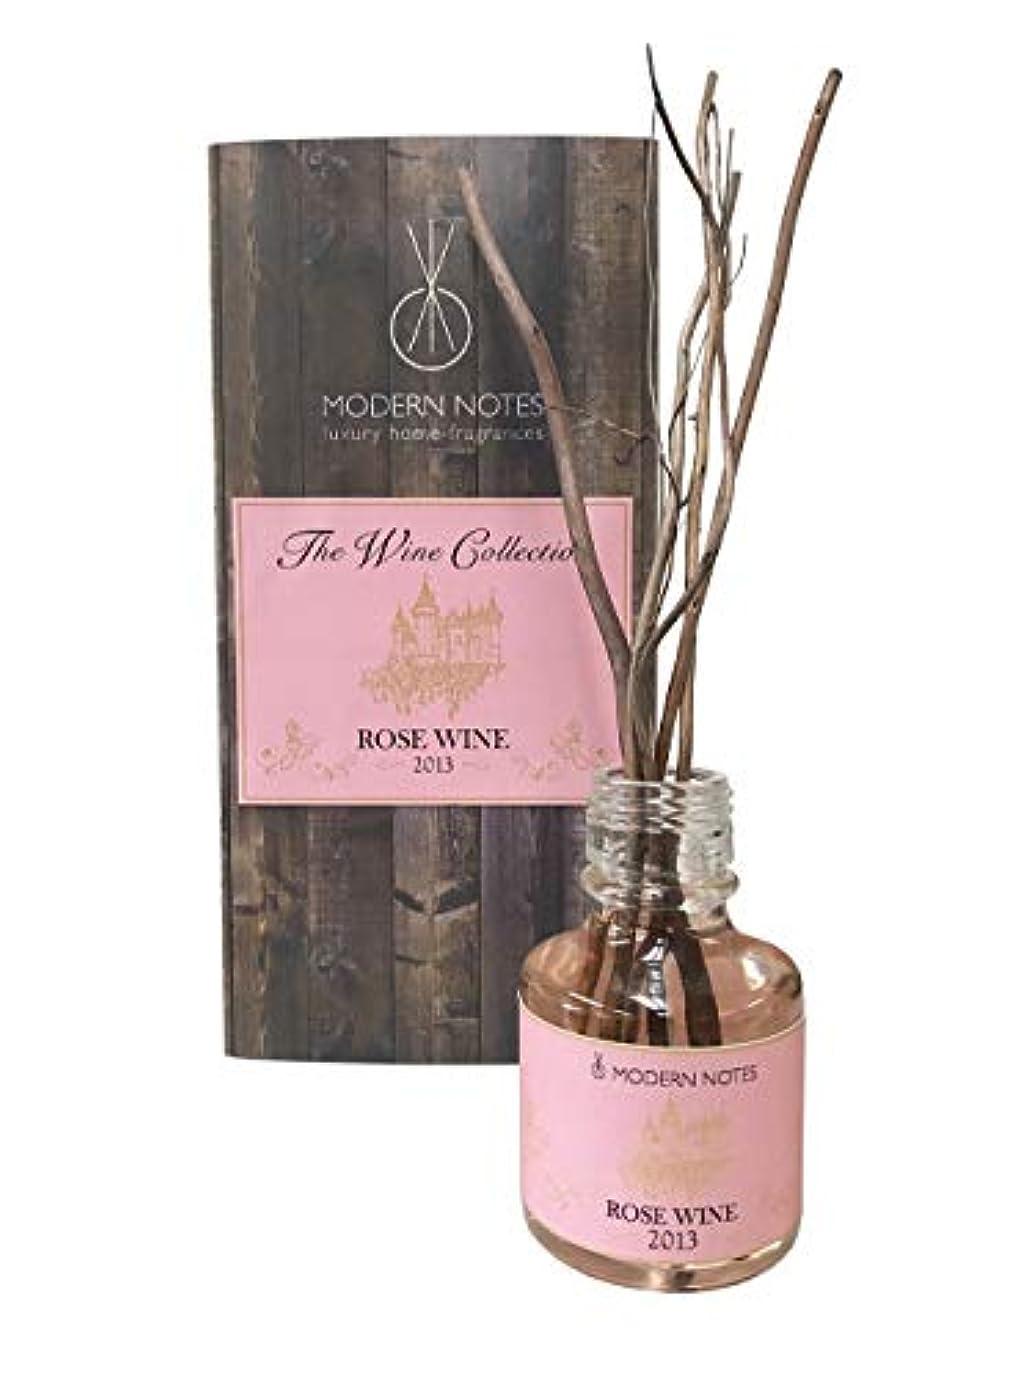 ノイズ曖昧な札入れMODERN NOTES ワインコレクション リードディフューザーミニ 2013 ROSE WINE 90mL